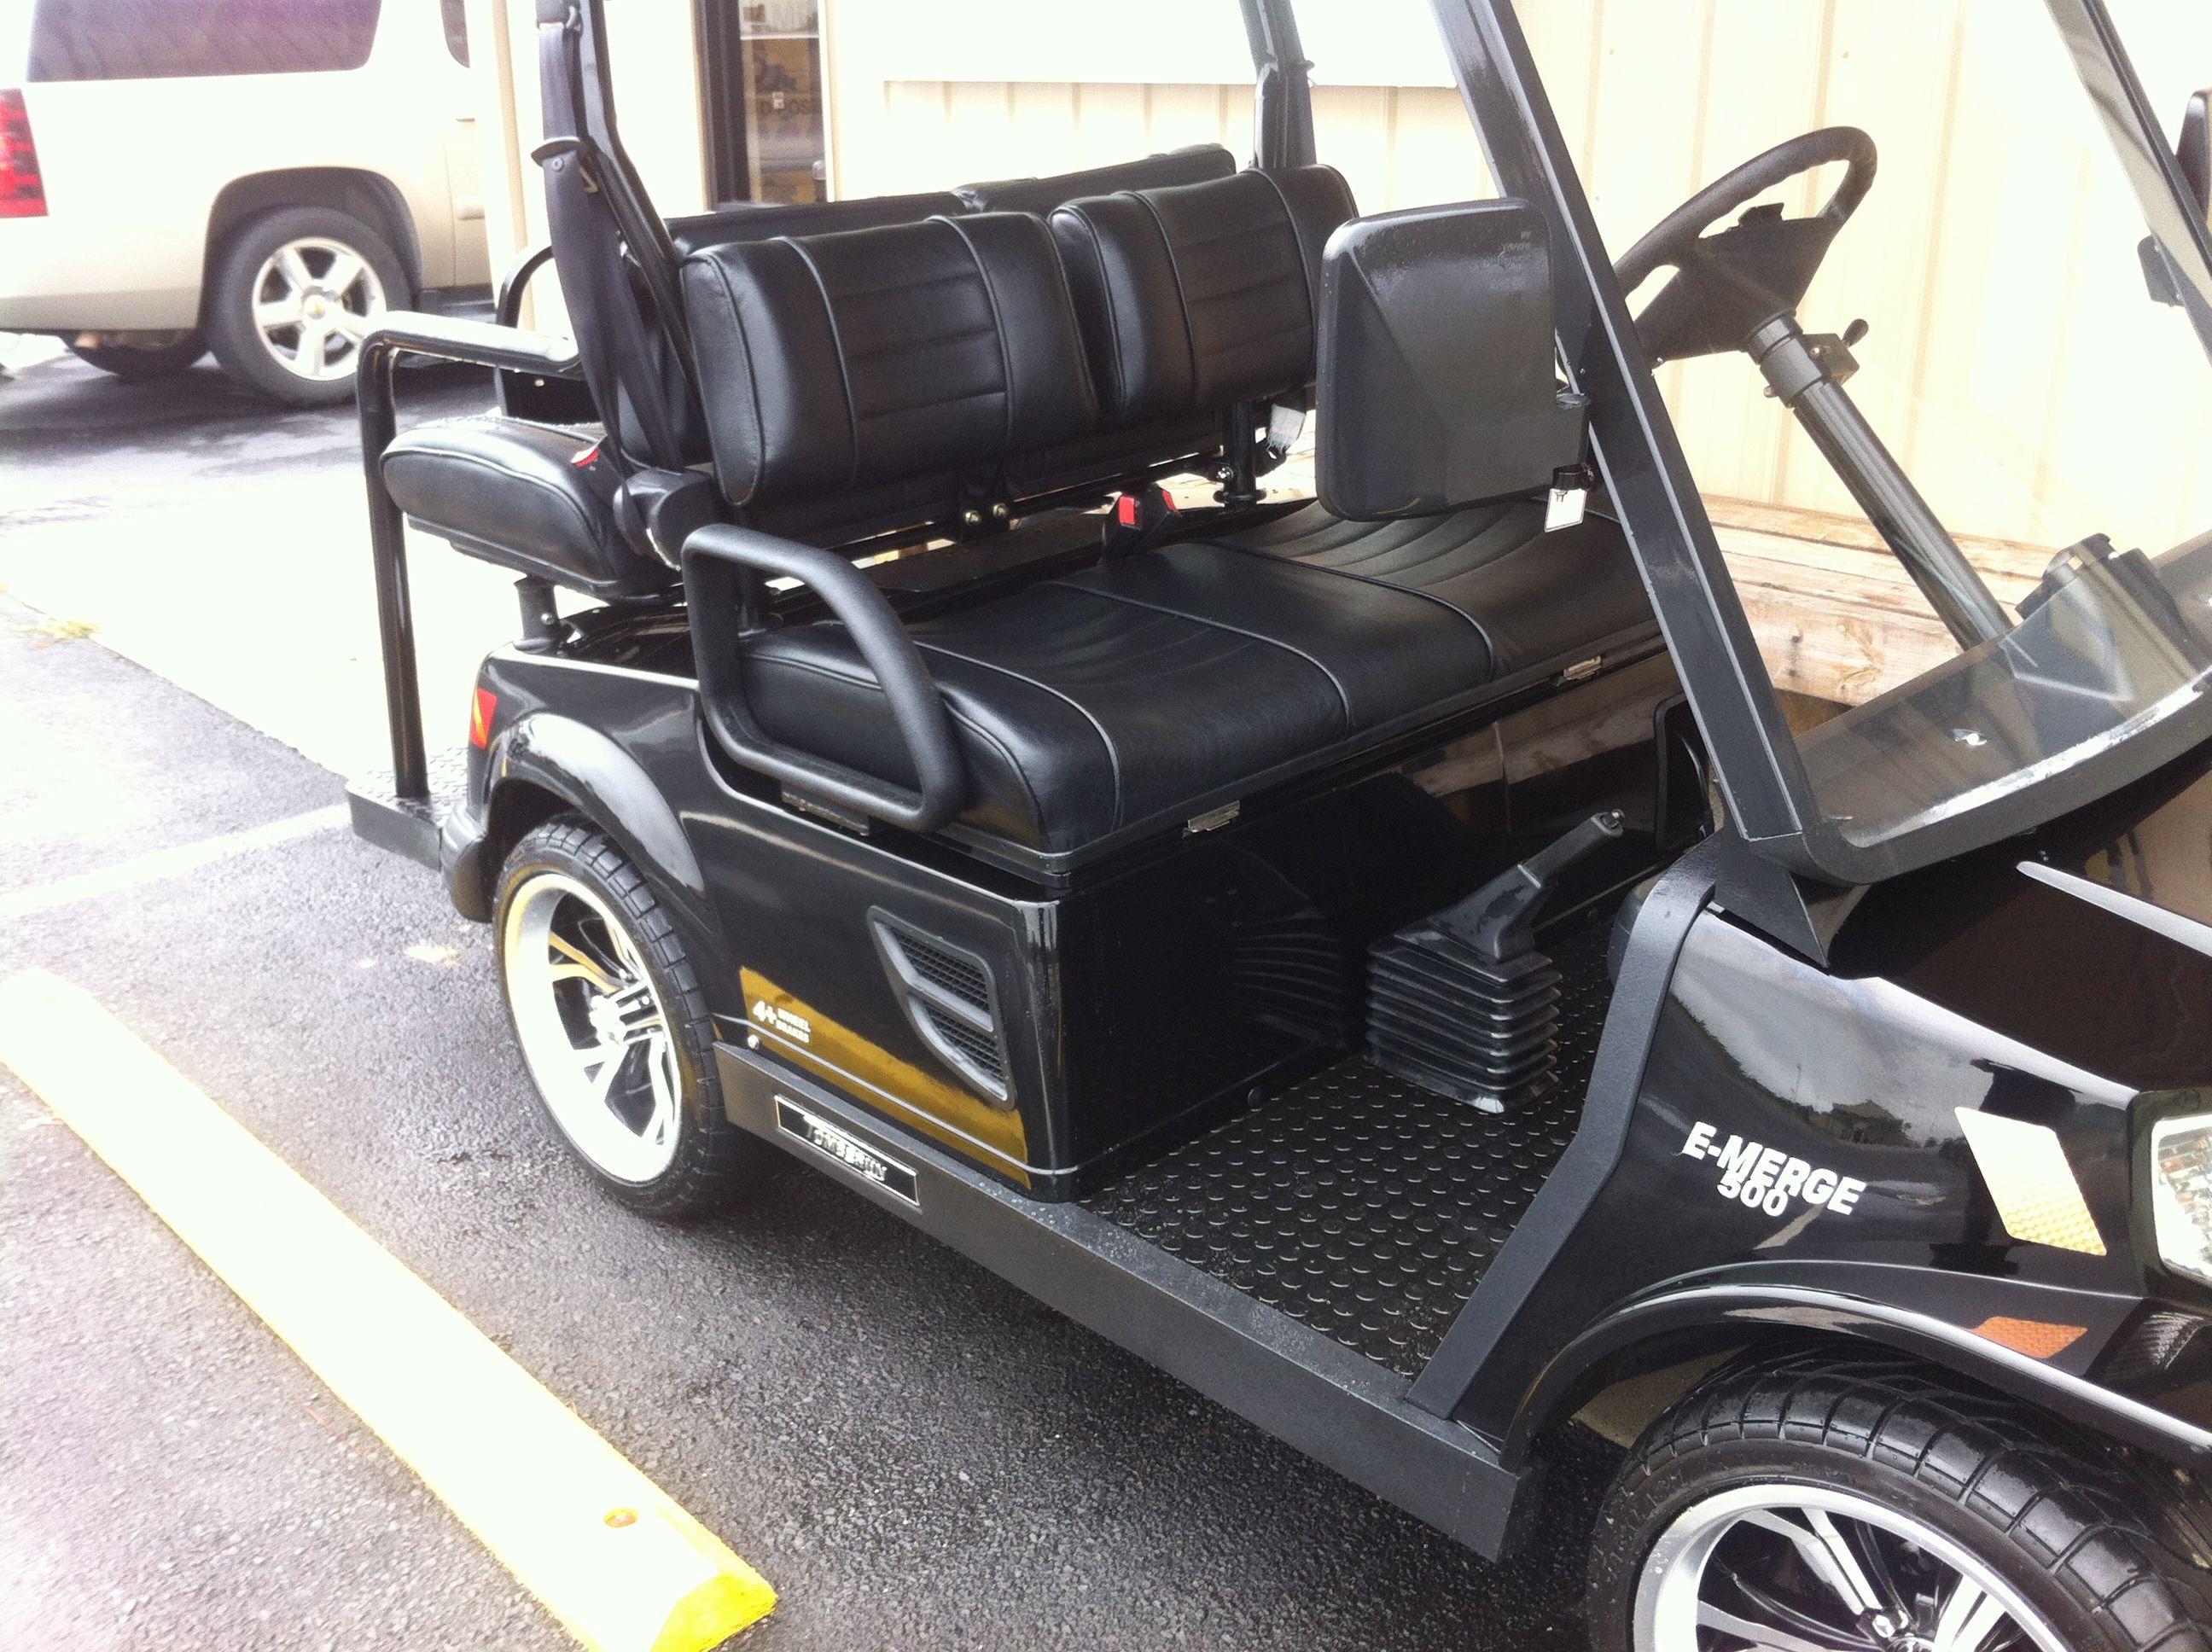 hight resolution of 2005 tomberlin street legal cart street legal golf cart